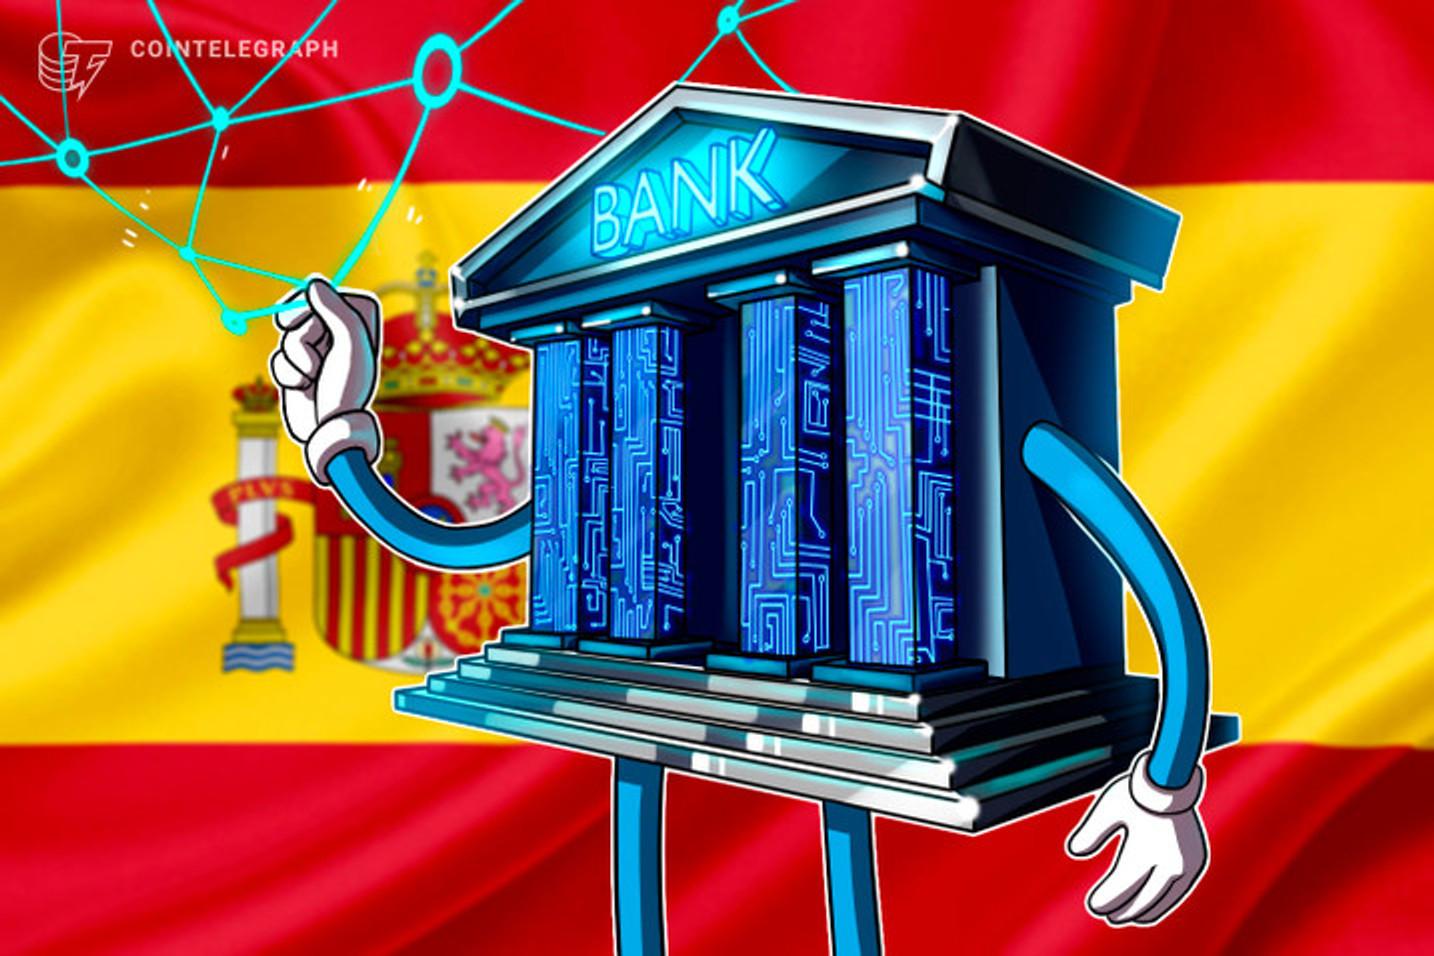 Asociación Española de Fintech e Insurtech afirma que las empresas de criptomonedas pueden beneficiar a la banca